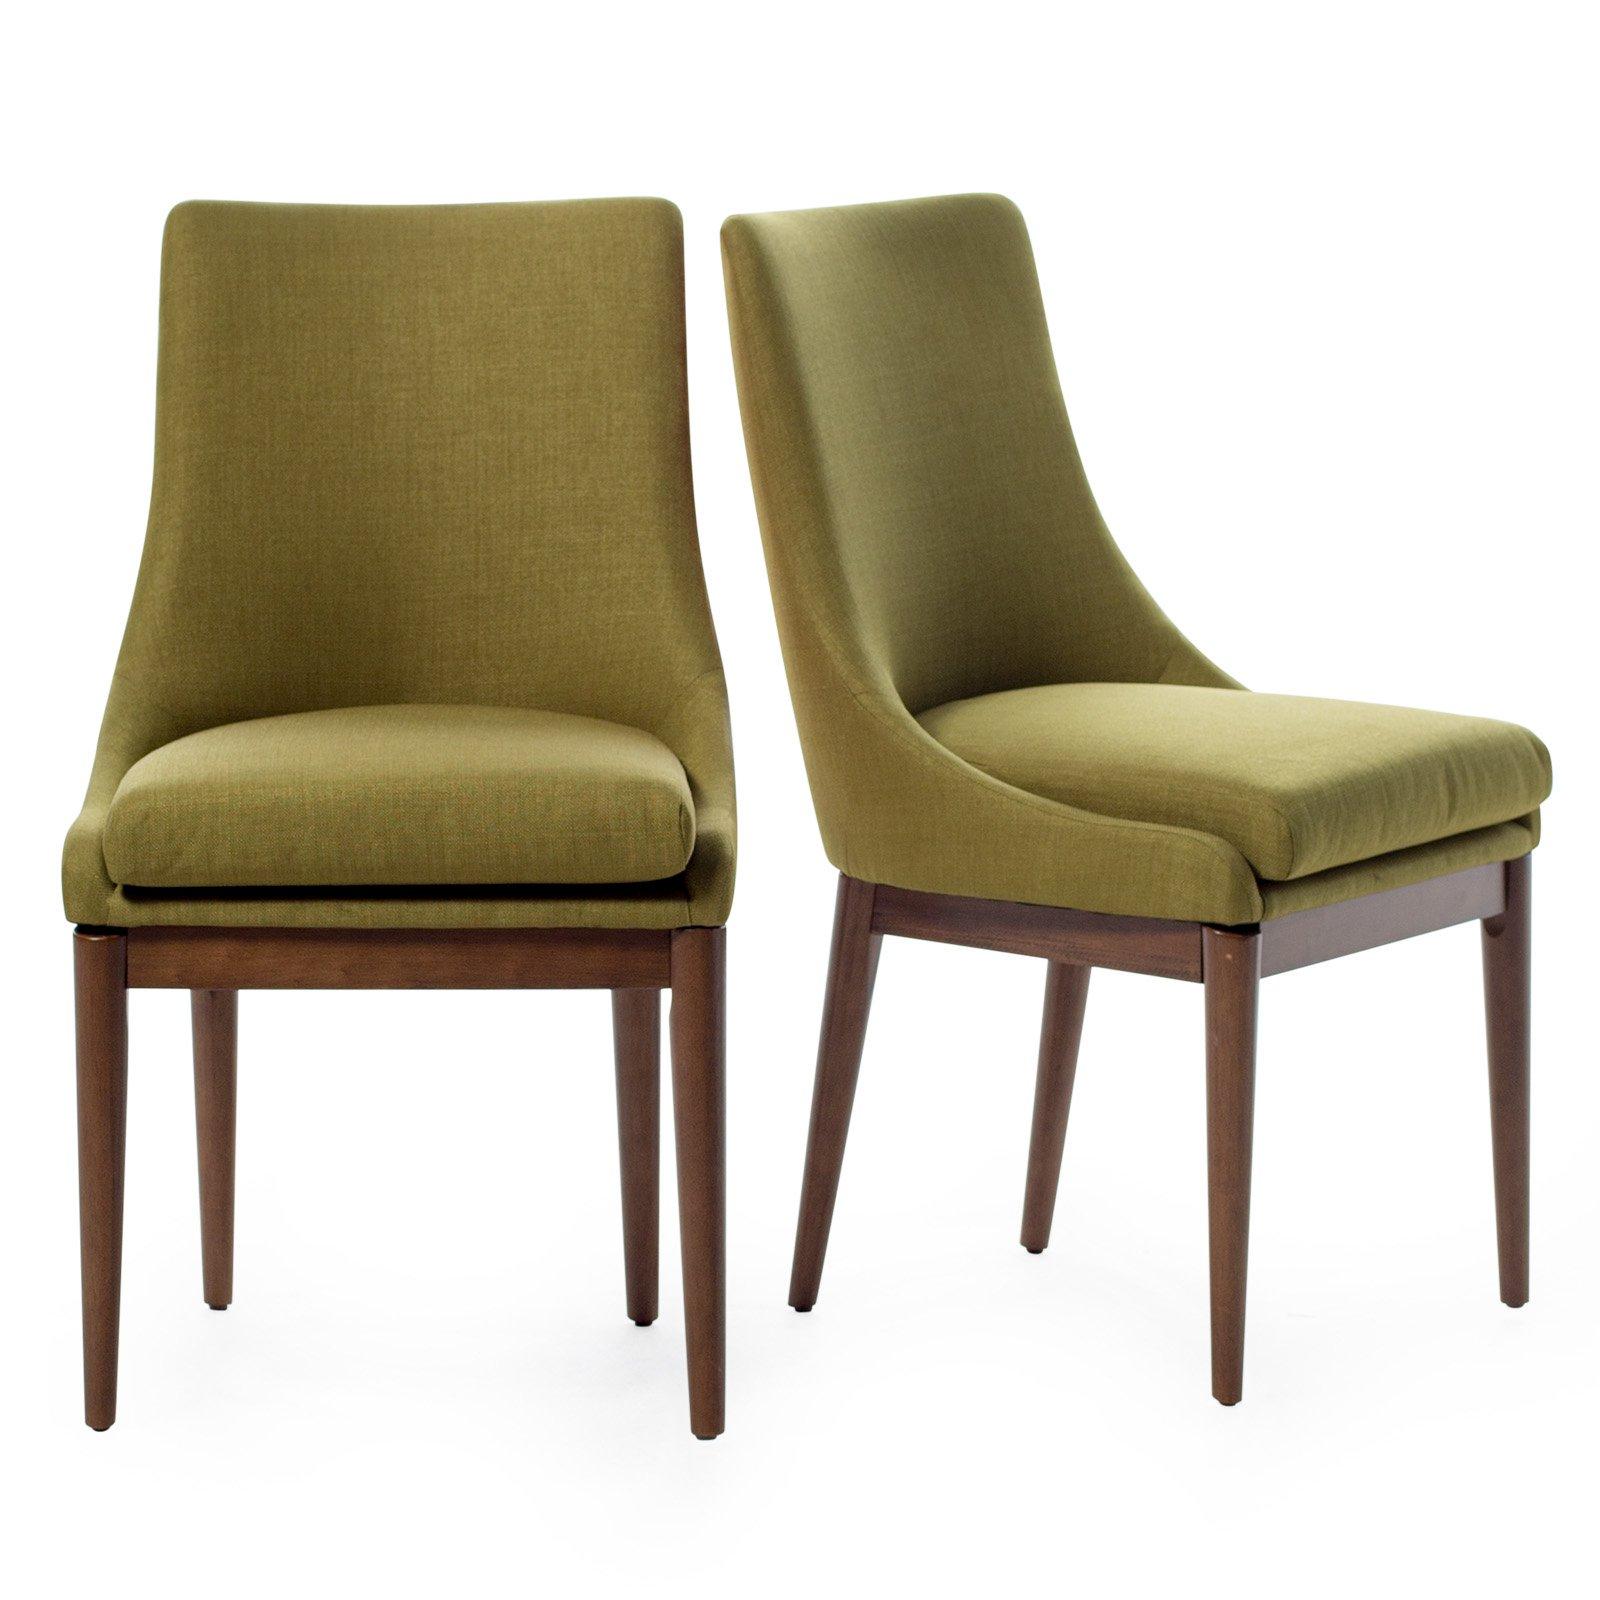 Belham Living Carter Mid Century Modern Upholstered Dining Chair - Set of 2